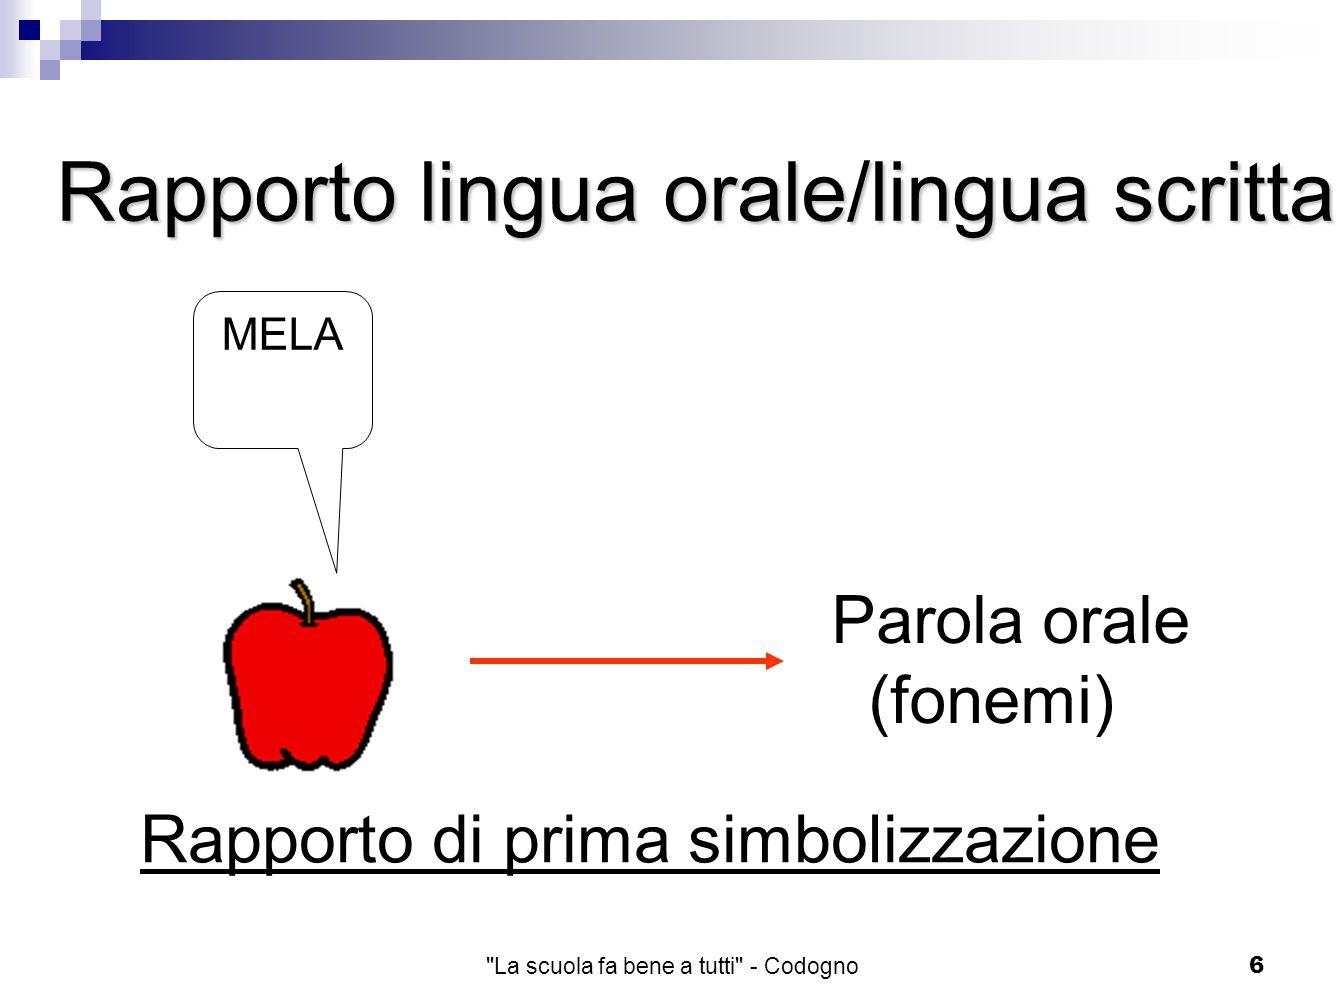 La scuola fa bene a tutti - Codogno6 Rapporto di prima simbolizzazione Parola orale (fonemi) MELA Rapporto lingua orale/lingua scritta